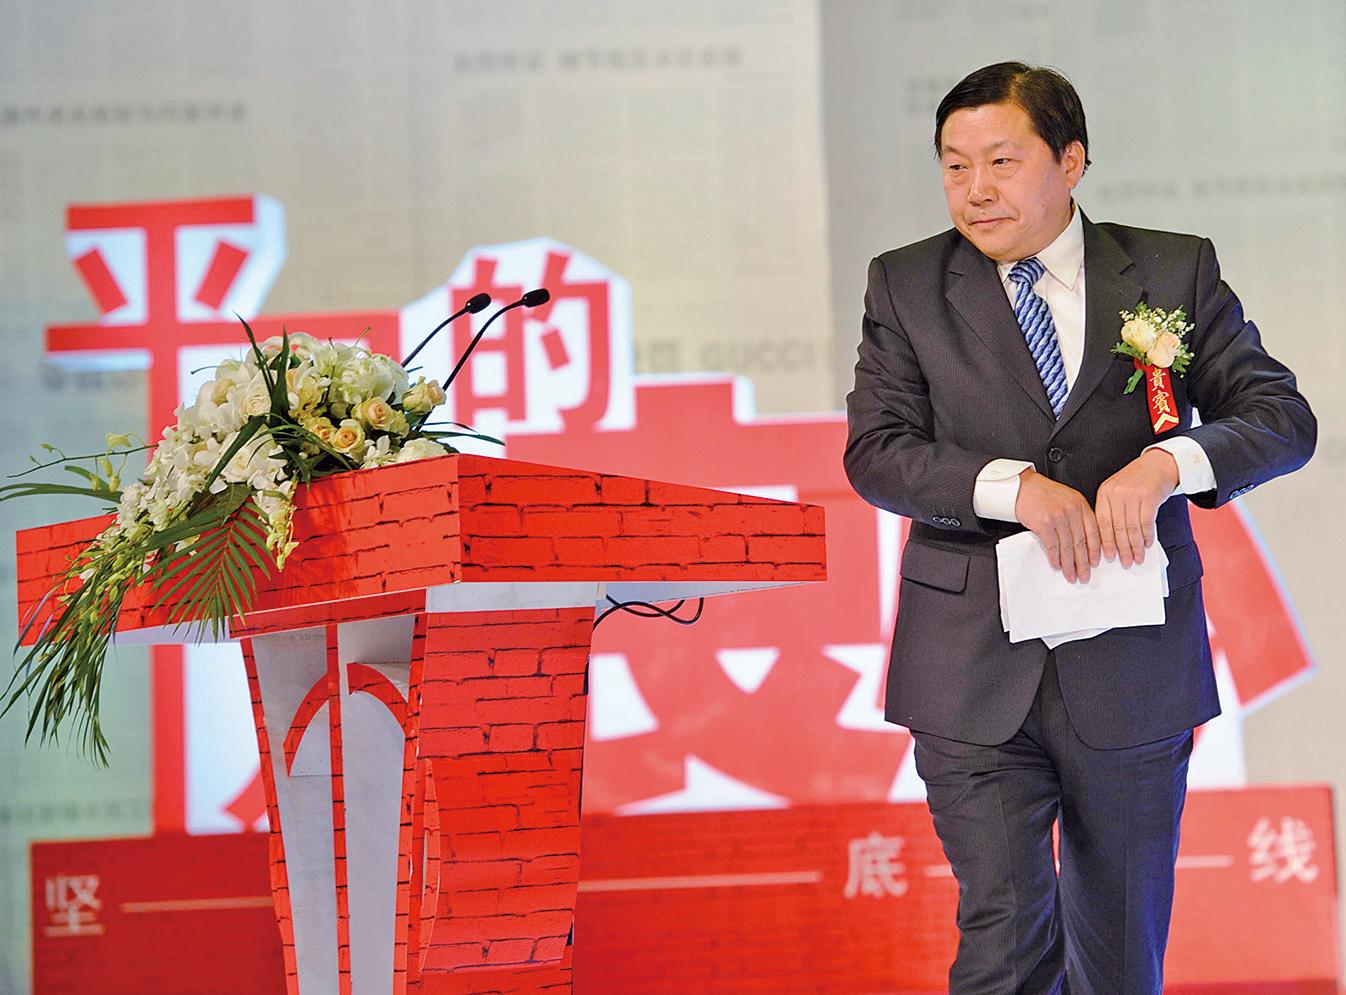 日前,中共宣傳部副部長、中央網信辦前主任魯煒被立案審查。(大紀元資料室)